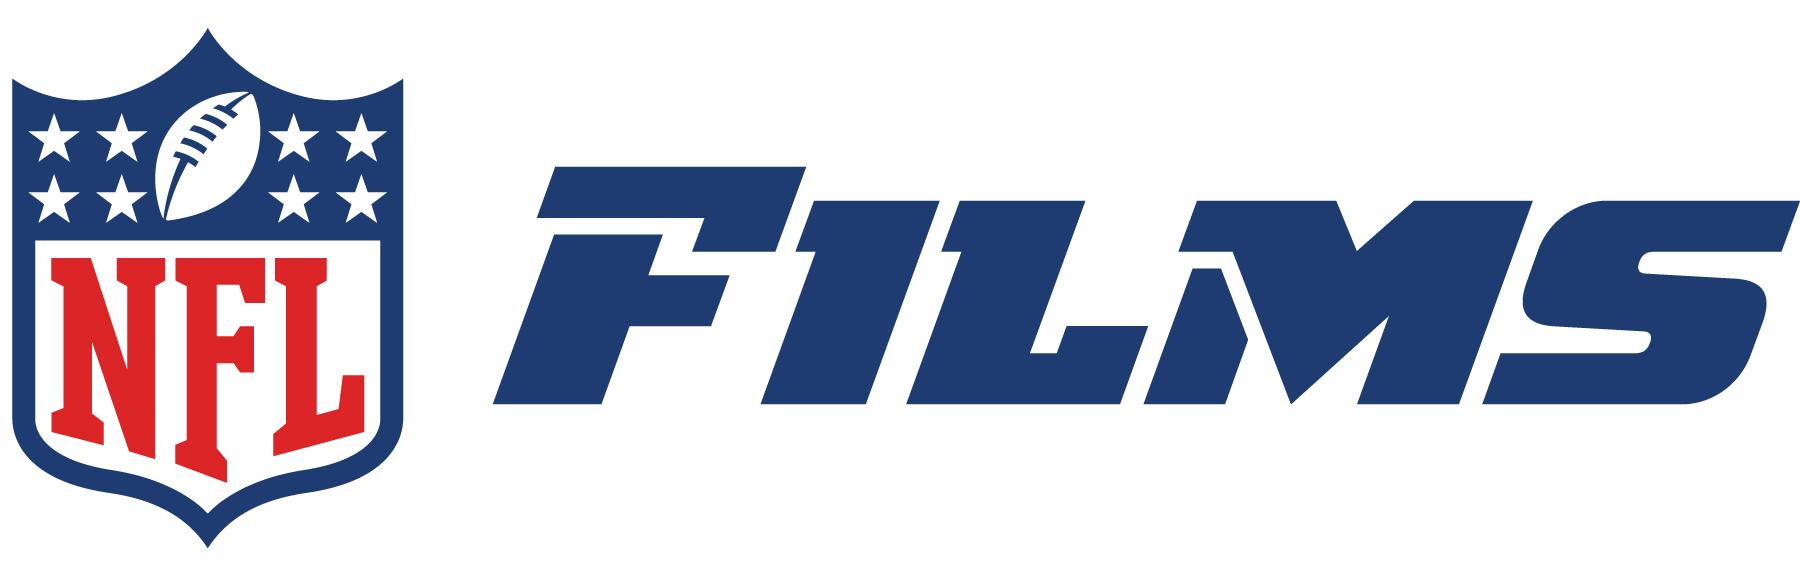 [NFL] Conference: il racconto delle due partite a microfono acceso